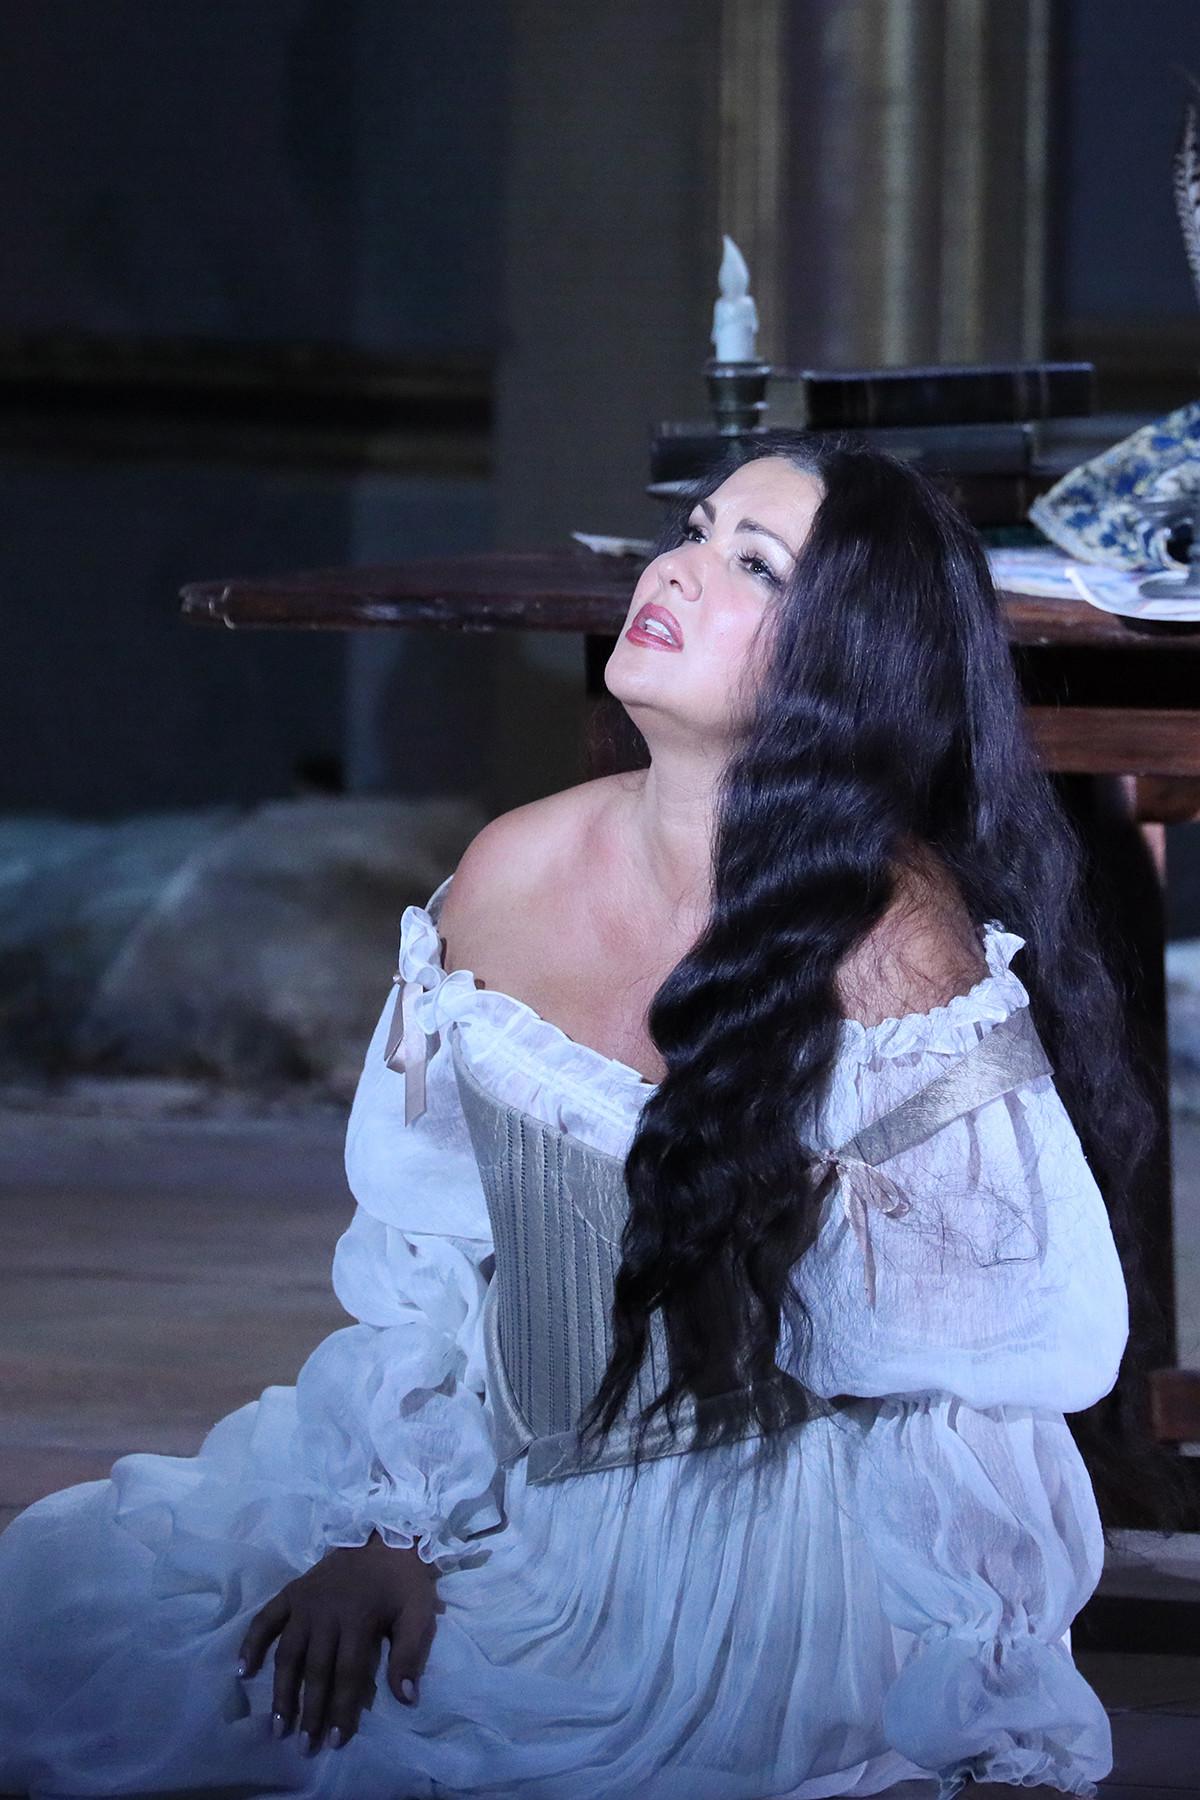 オペラ「ドン・カルロ」で歌うアンナ・ネトレプコ